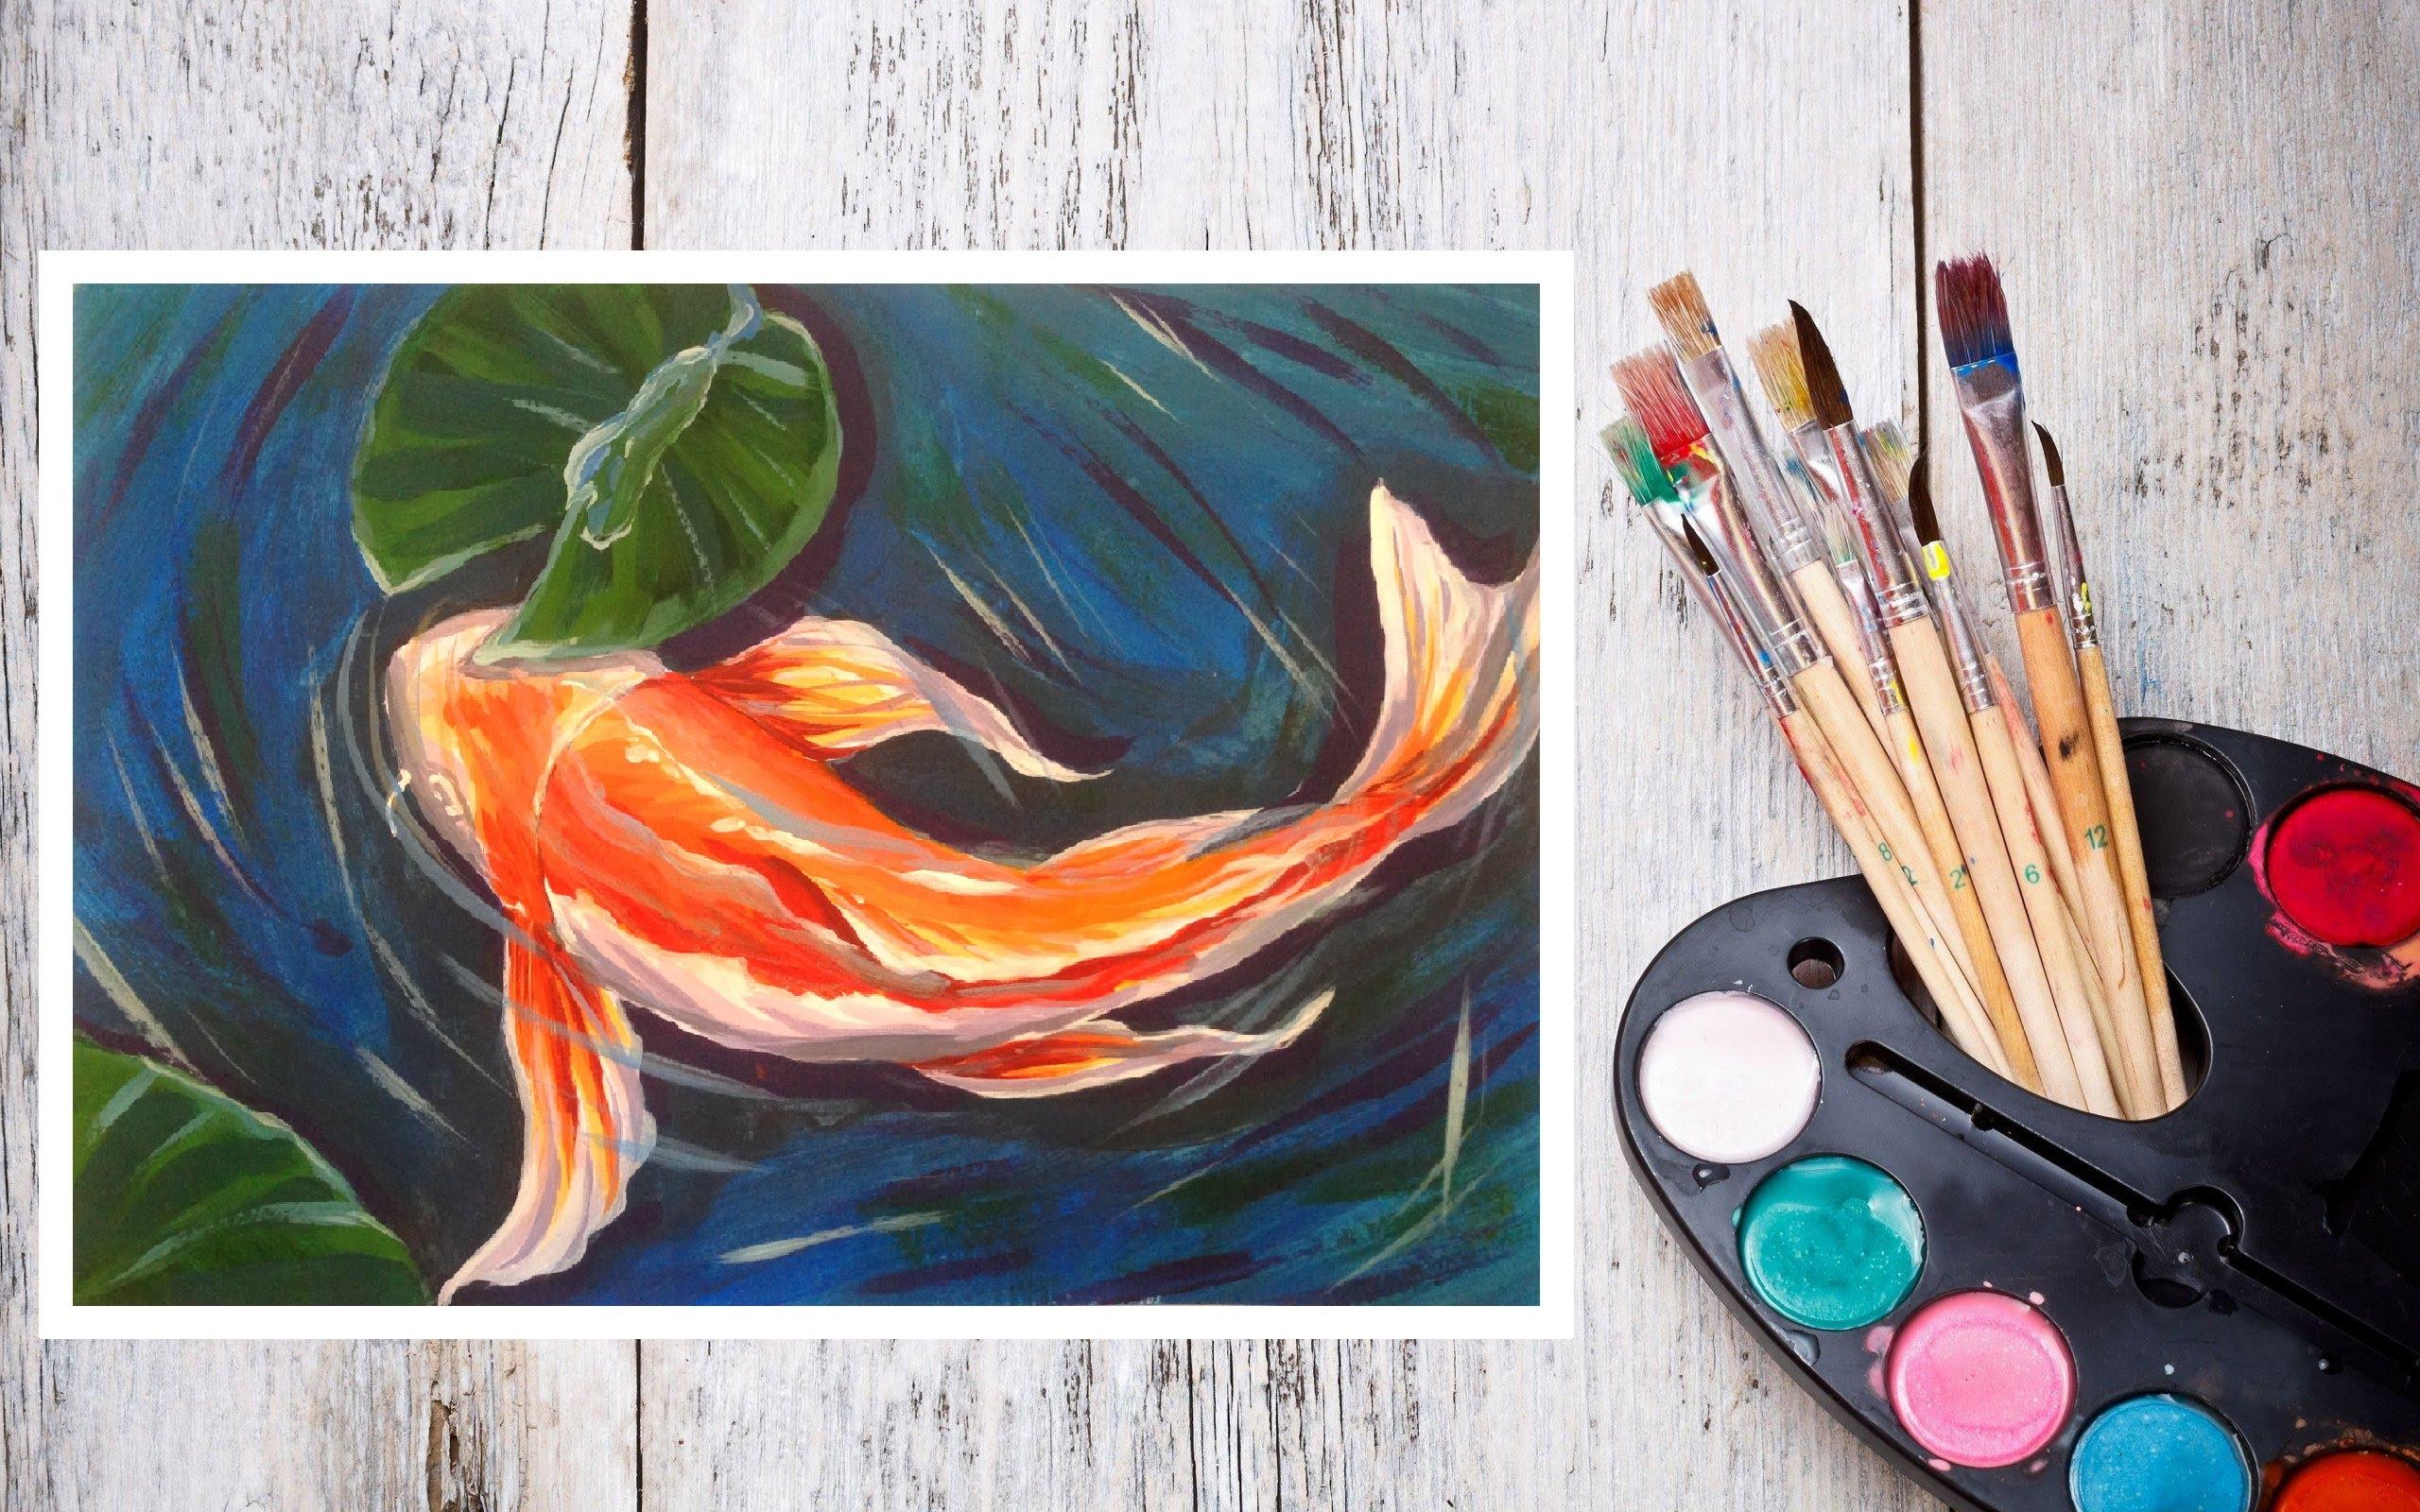 Как рисовать акриловыми красками? учимся рисовать (+18 фото)